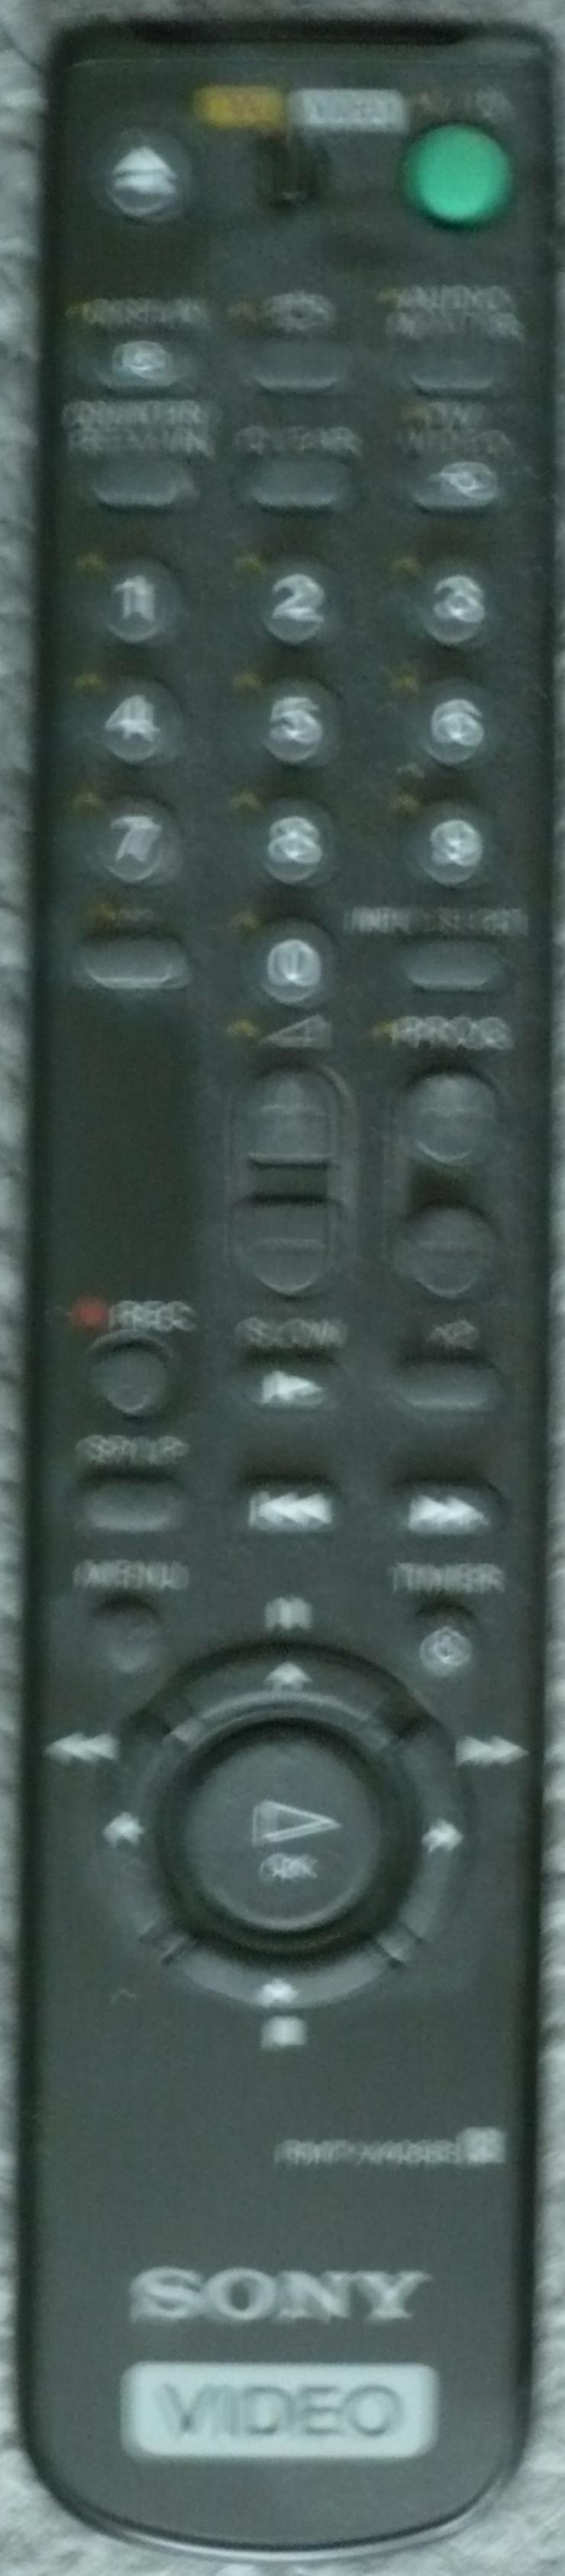 Bild 2: VHS Recorer Sony + Original Filme